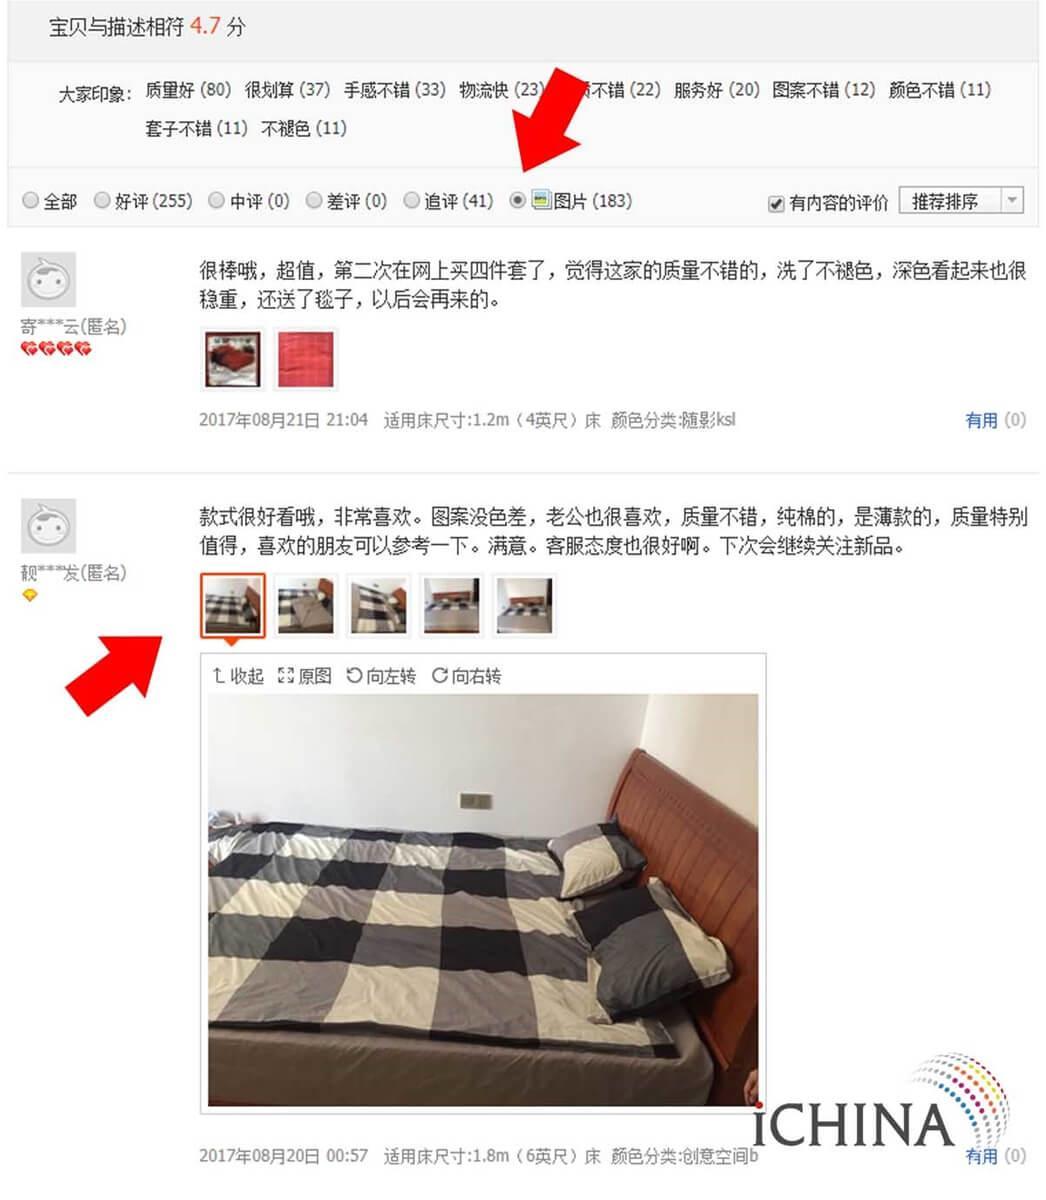 cách xem hình ảnh thật của sản phẩm trên taobao trung quốc